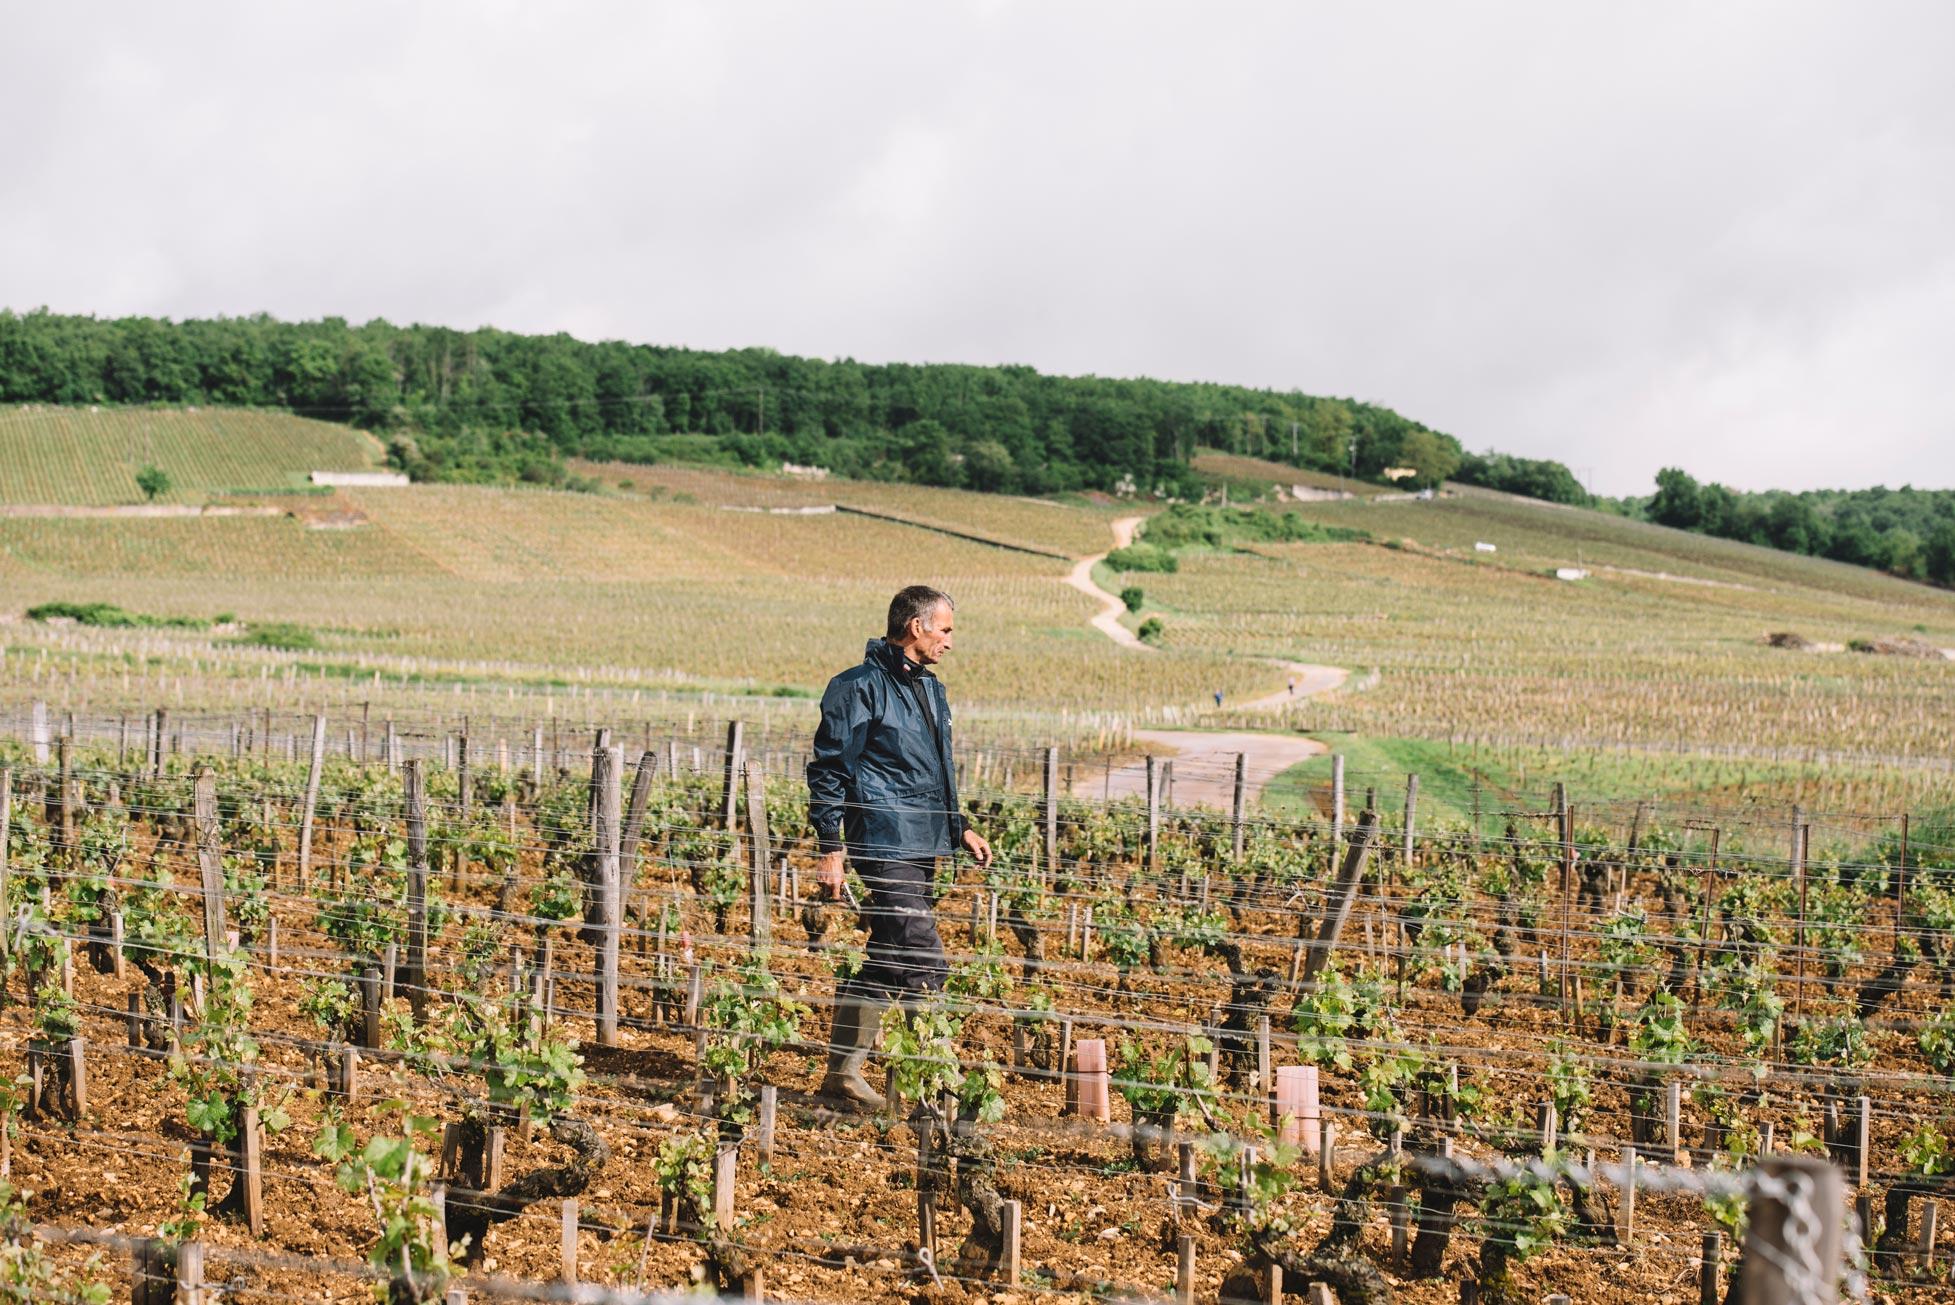 Pratique de taille en vert | Domaine Leroy | Richebourg | Bourgogne